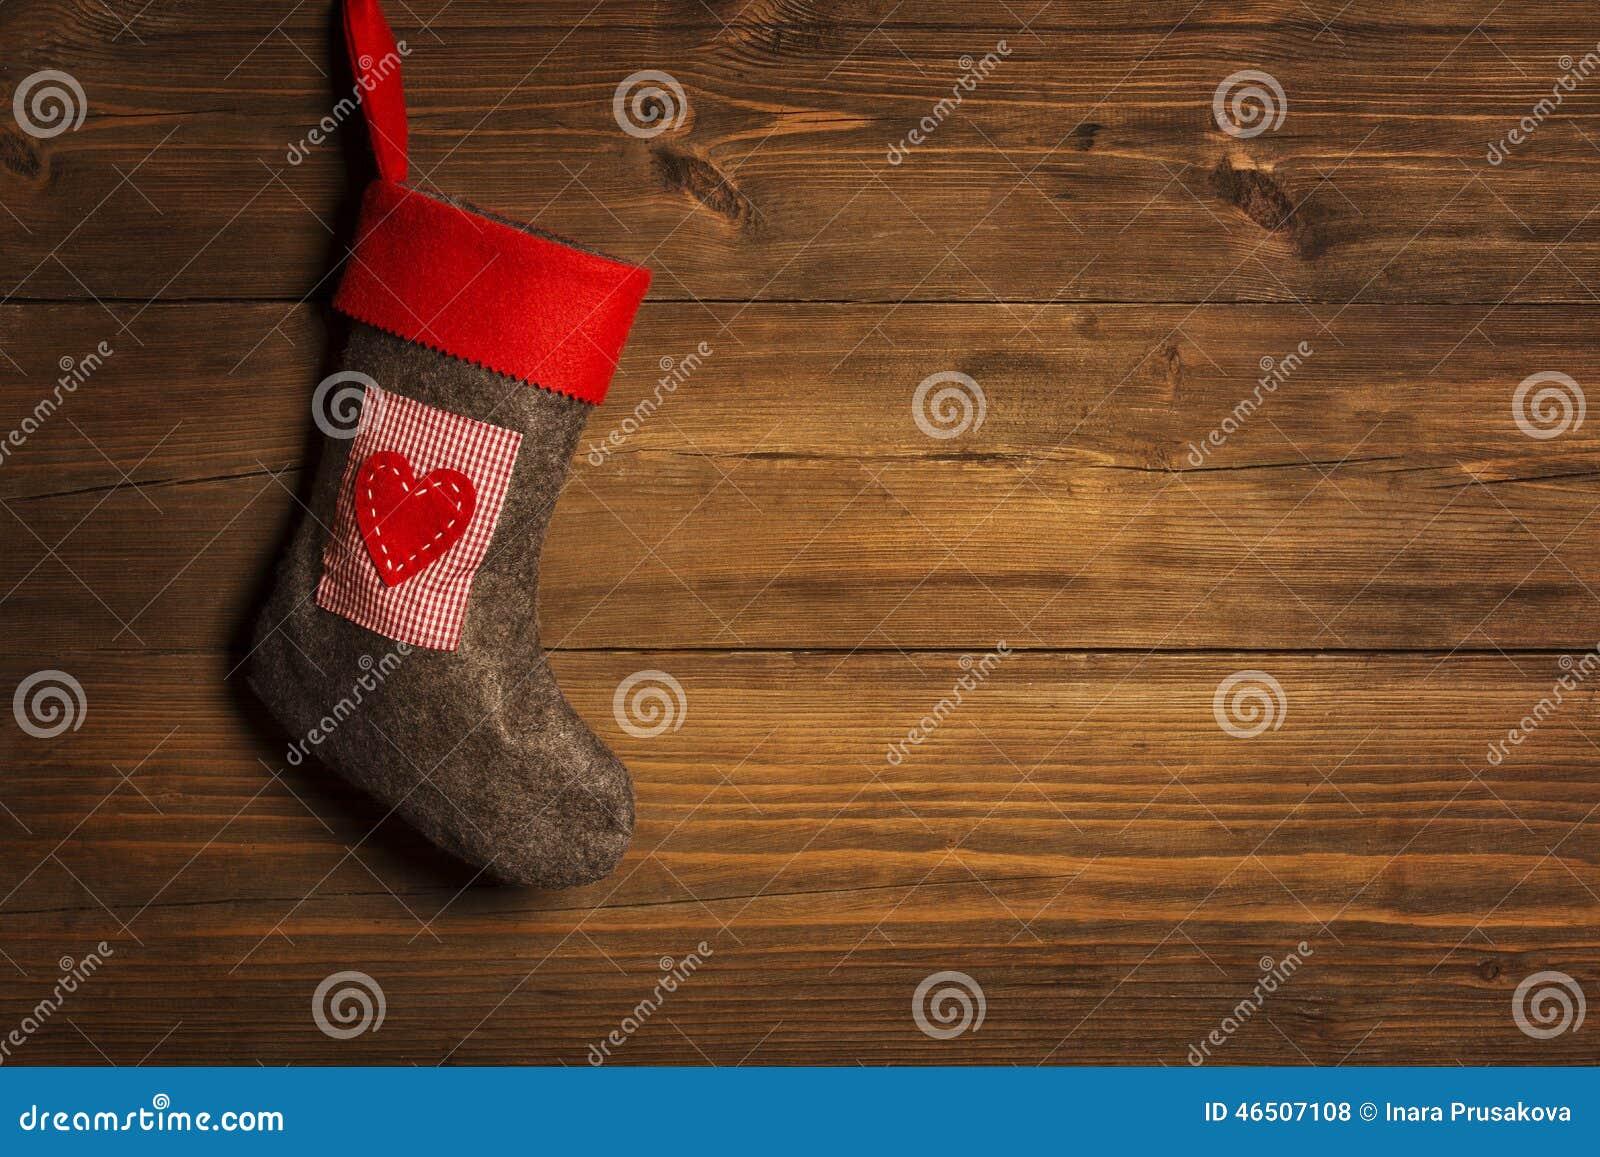 Γυναικεία κάλτσα Χριστουγέννων, ένωση καλτσών πέρα από το ξύλινο υπόβαθρο Grunge,